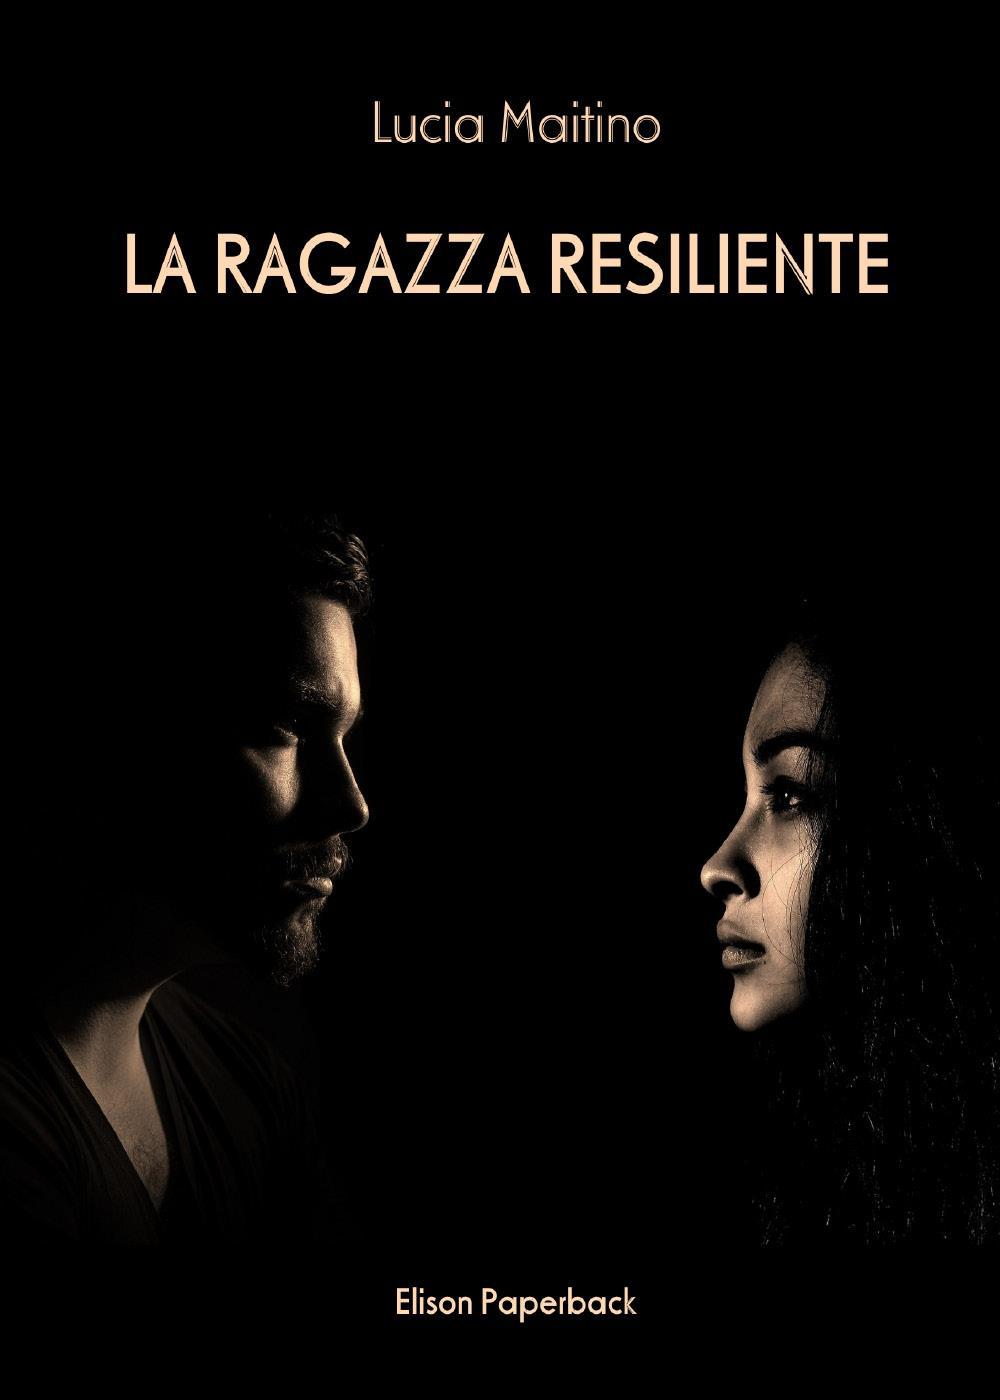 La ragazza resiliente